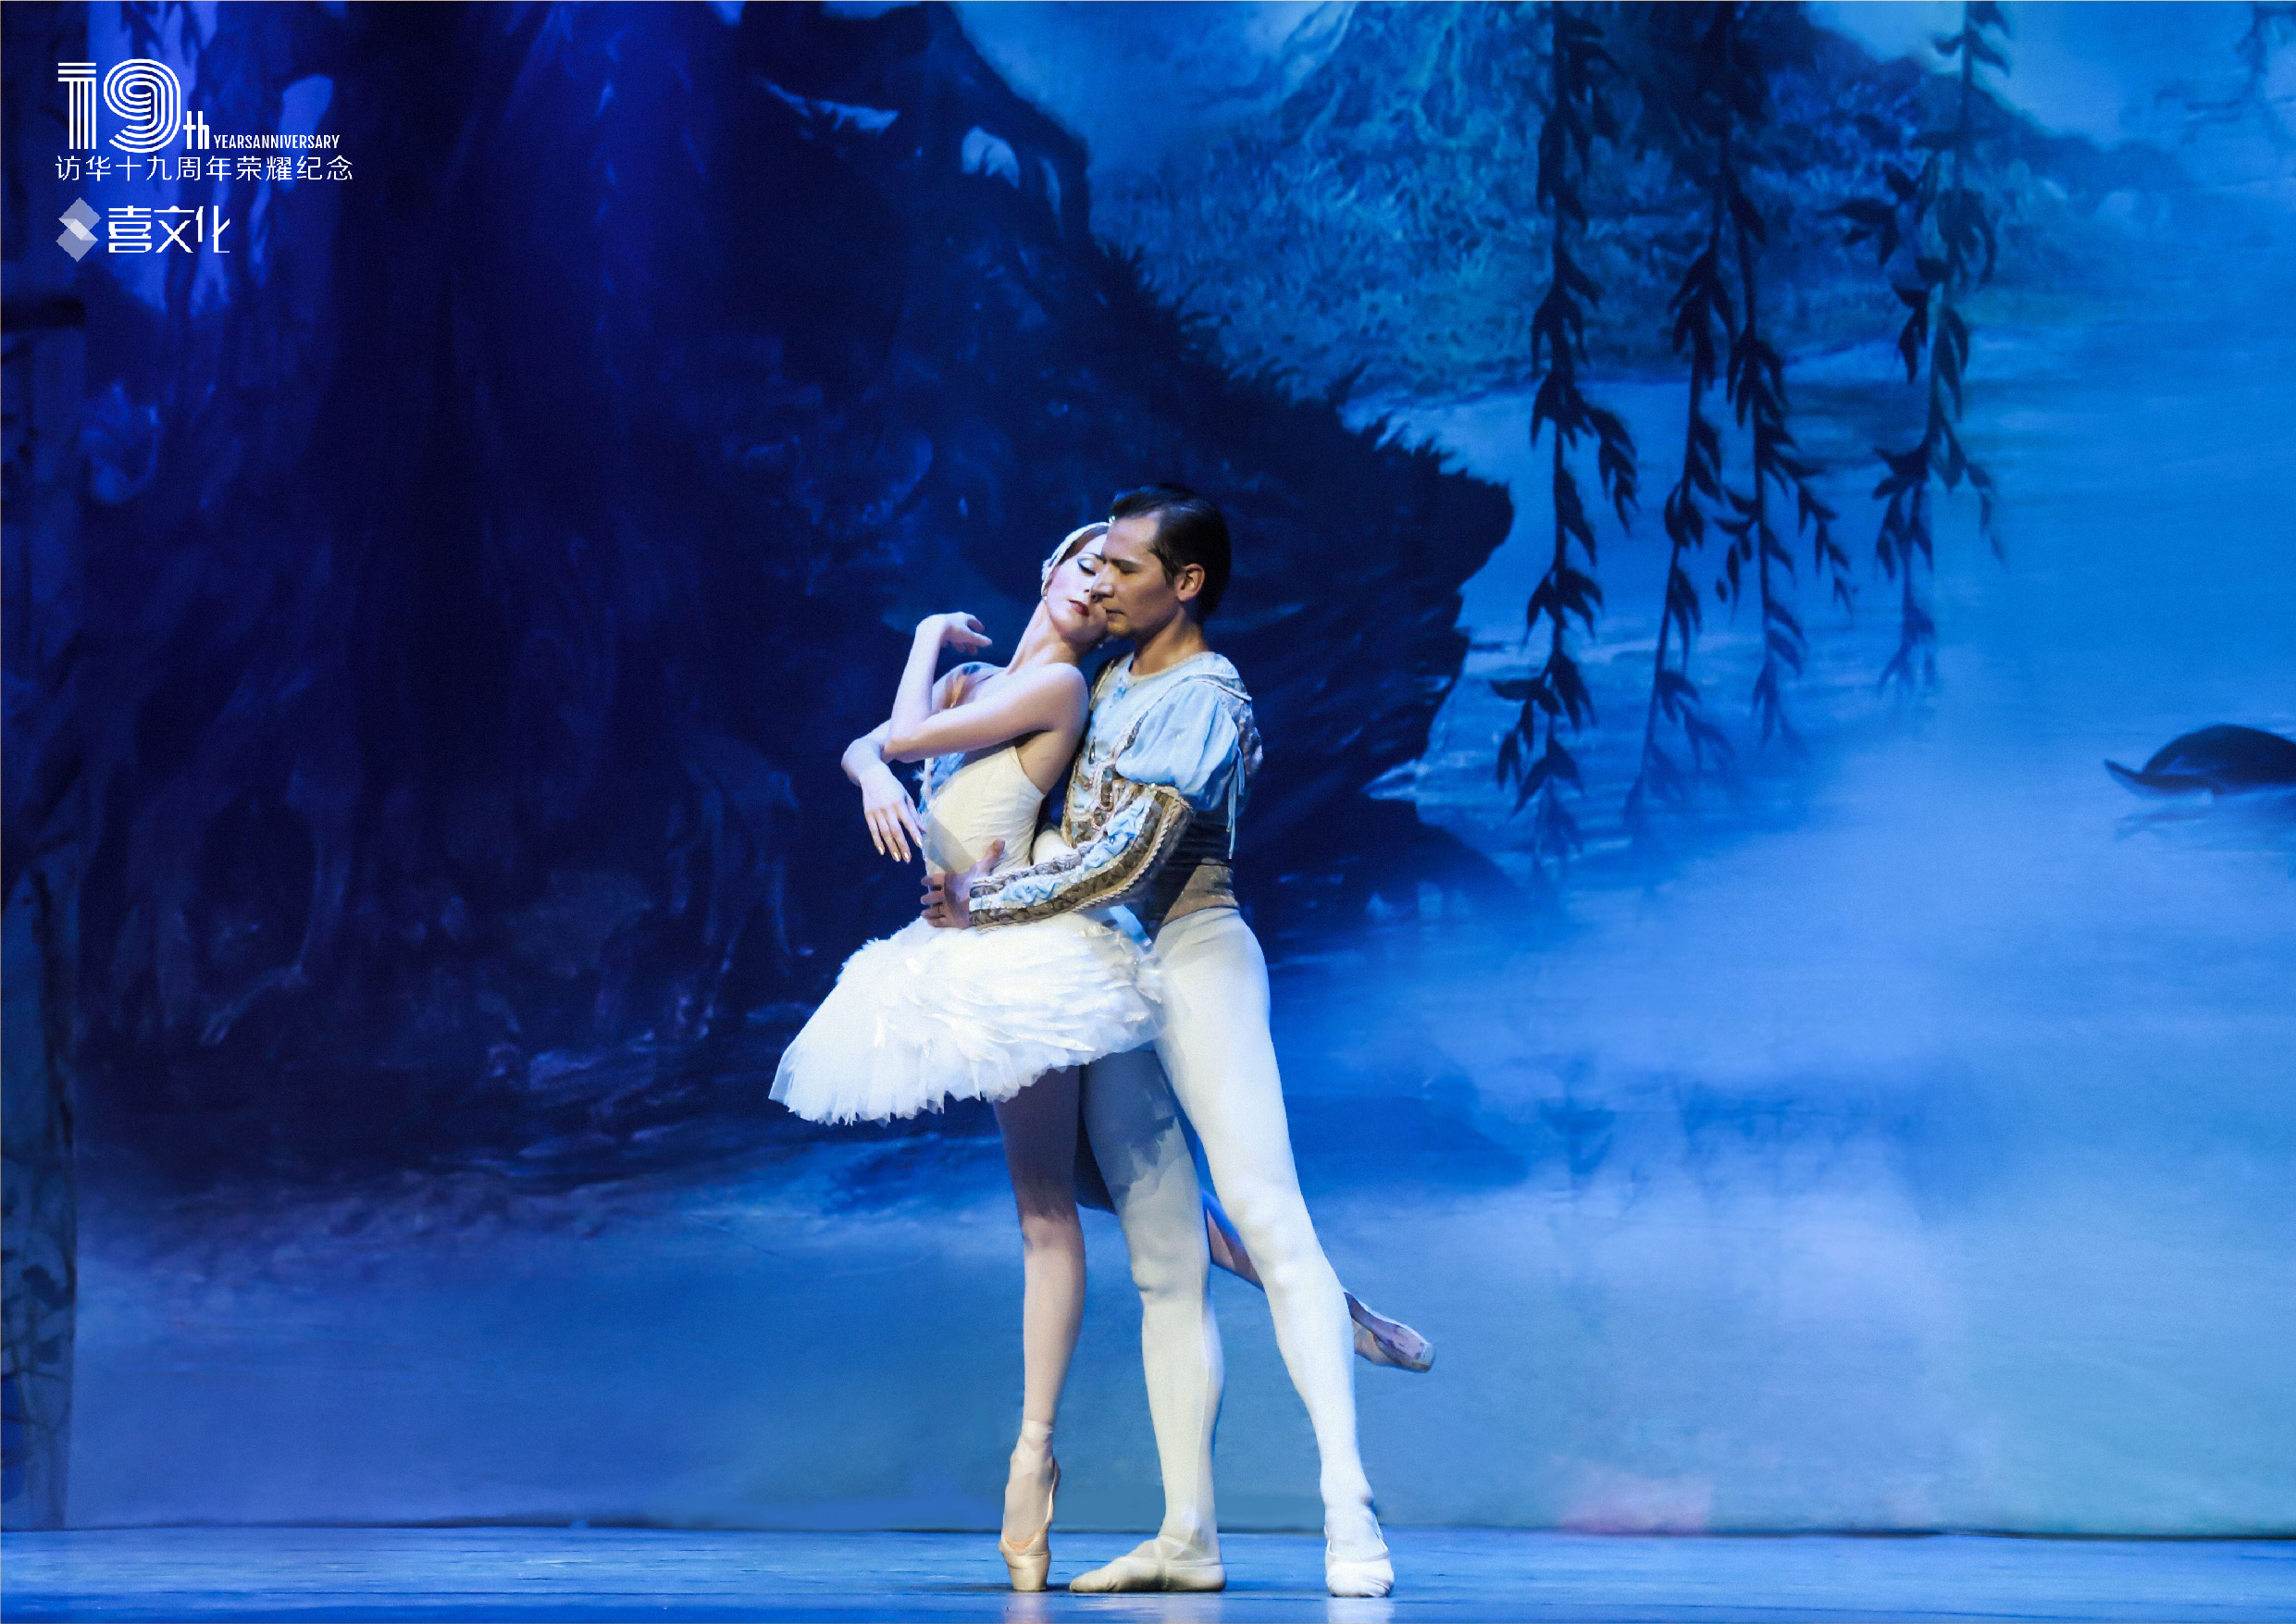 连续访华19周年品质纪念―俄罗斯皇家芭蕾舞团《天鹅湖》2019中国巡演 西安站